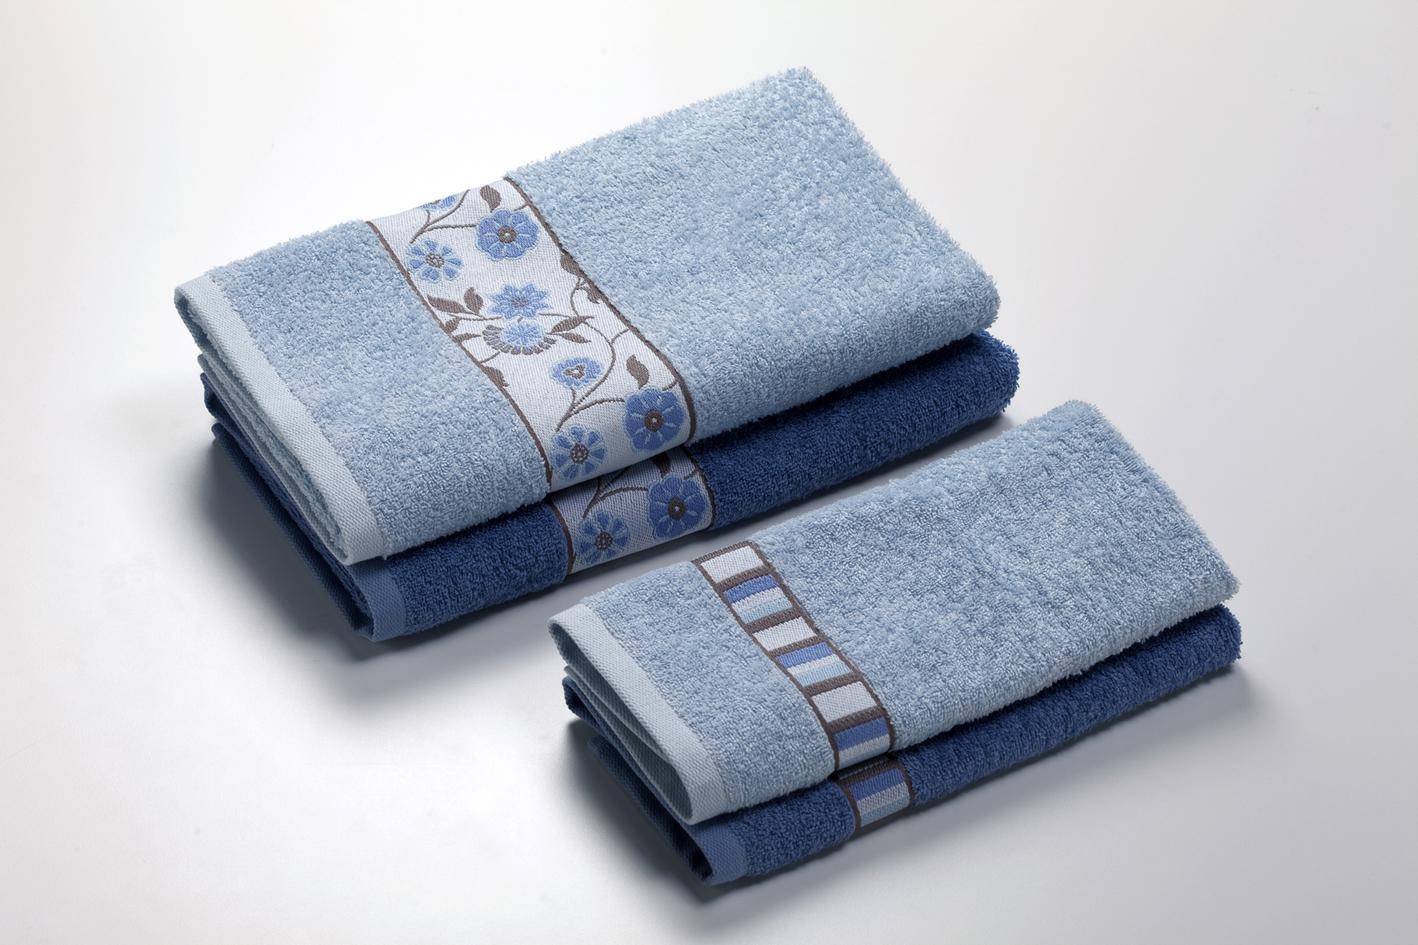 10 Fantastico Meravigliosa Set asciugamani Bagno | L\'arredamento e ...